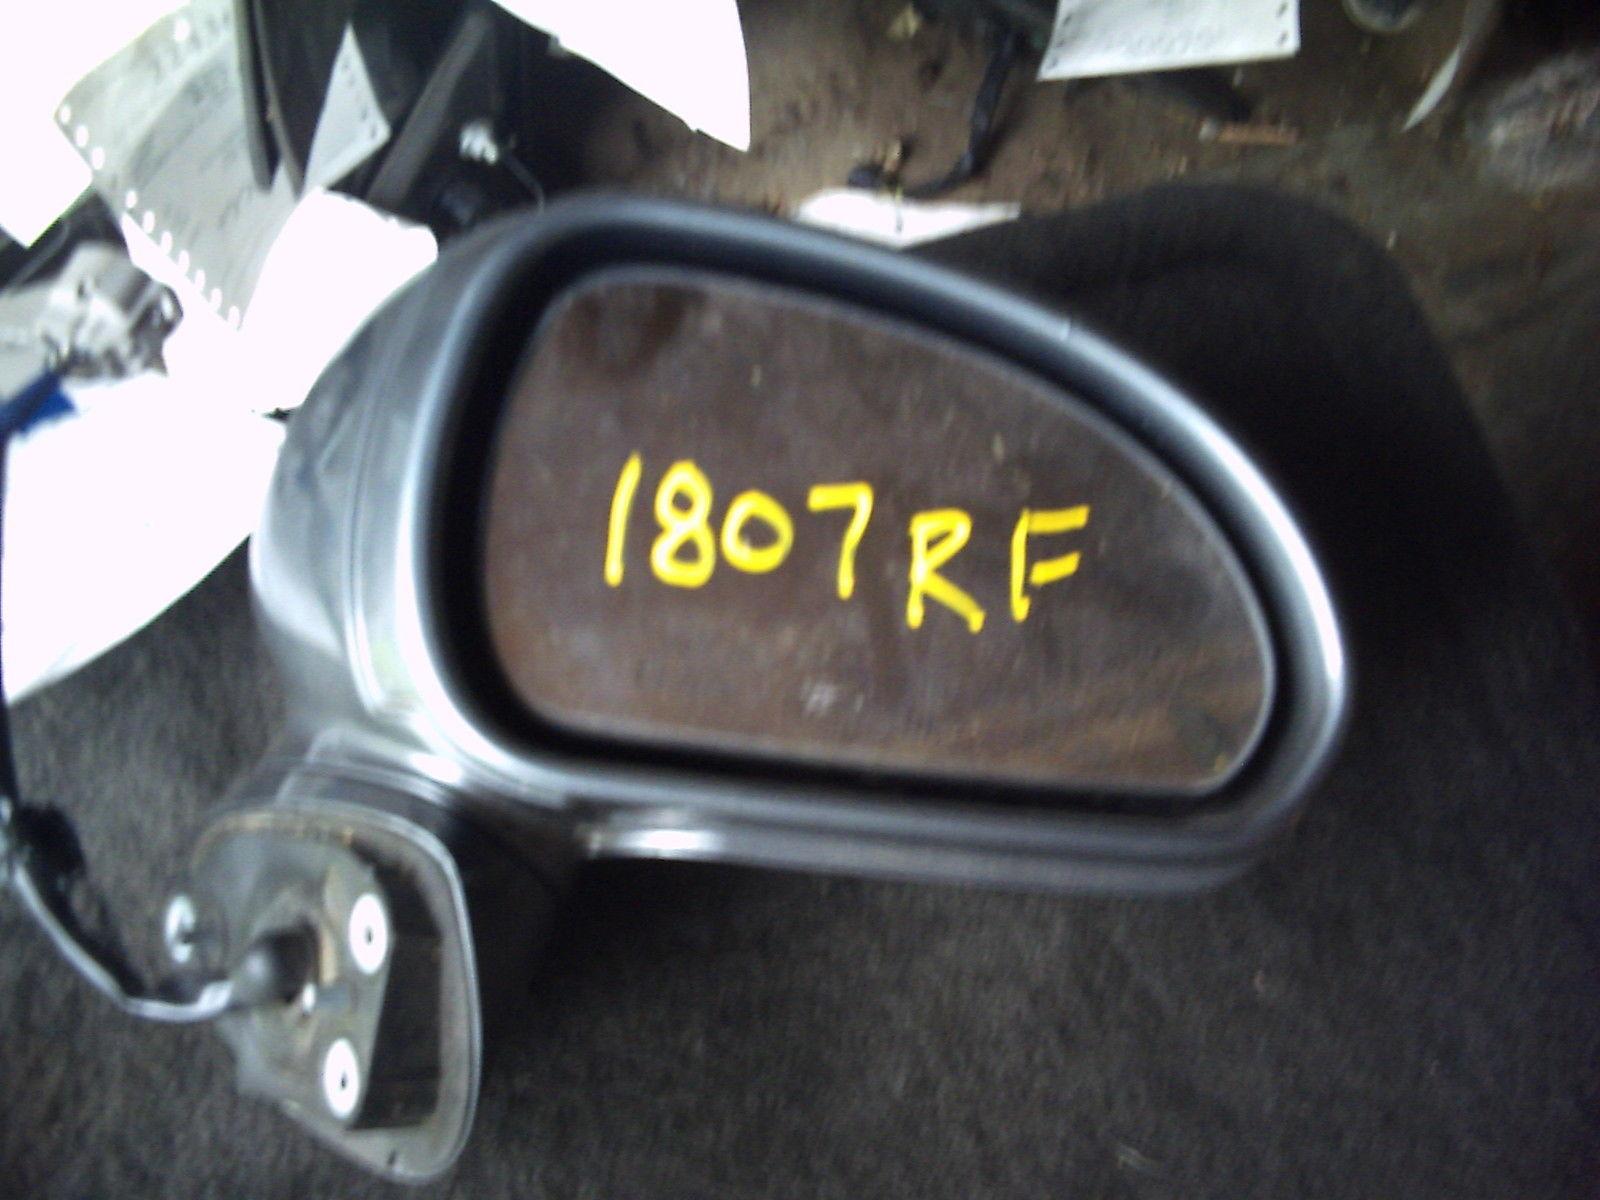 1807  right door mirror 1807   pic 1